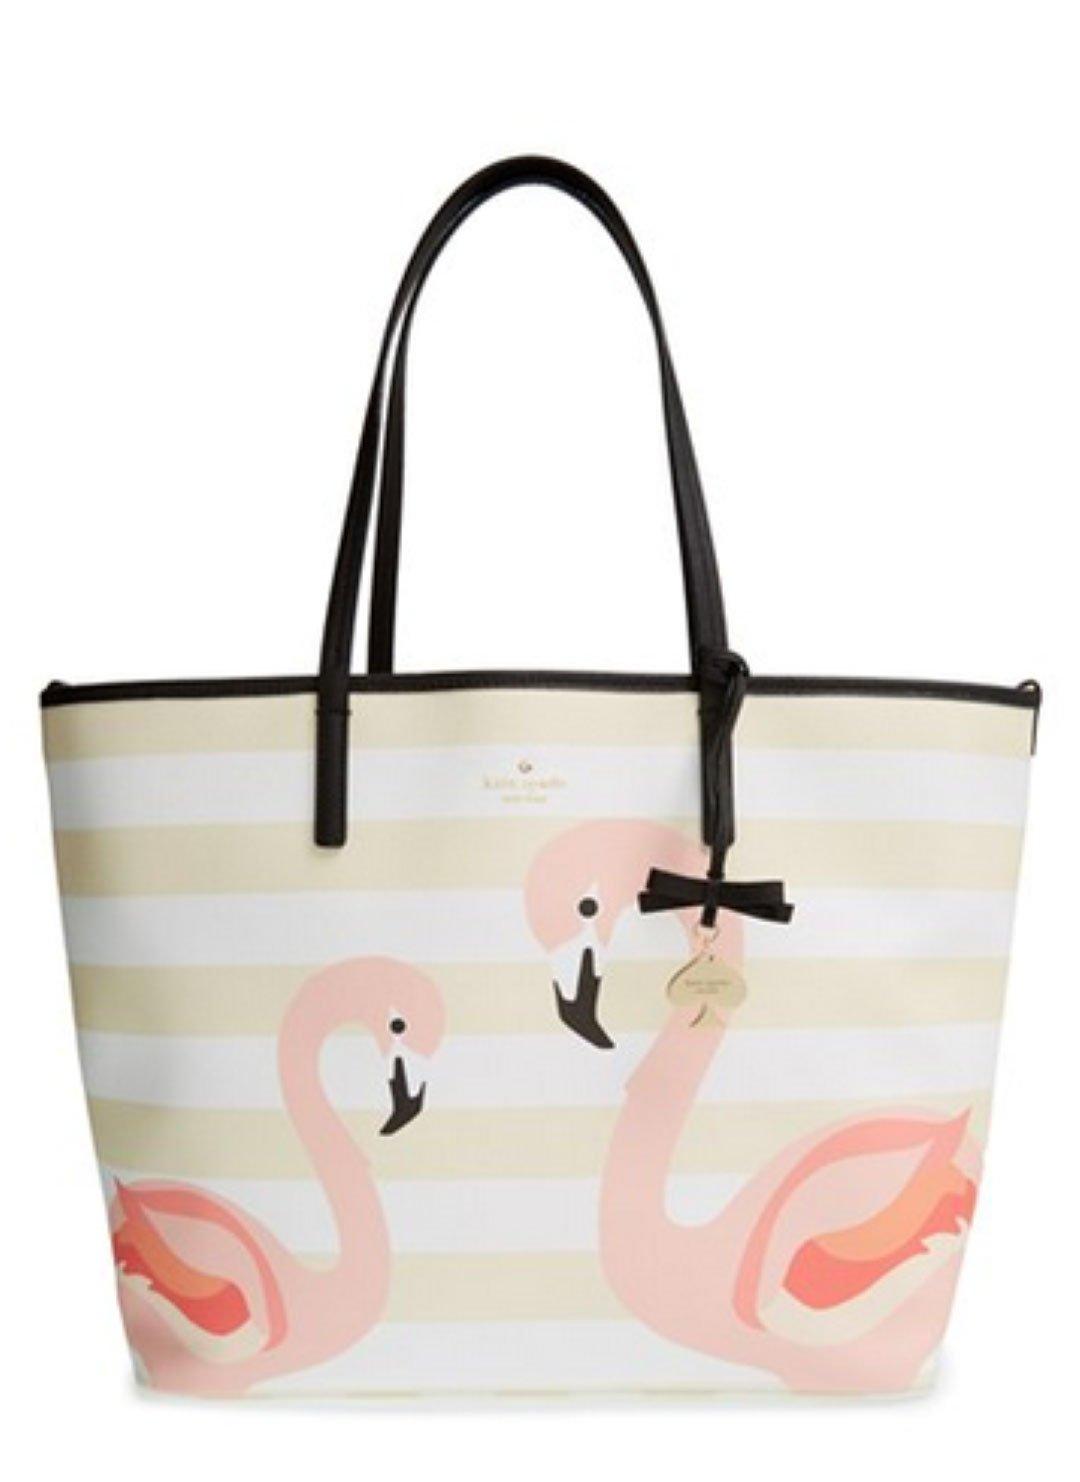 Γυναικεια τσάντα μεγάλη με χερούλι